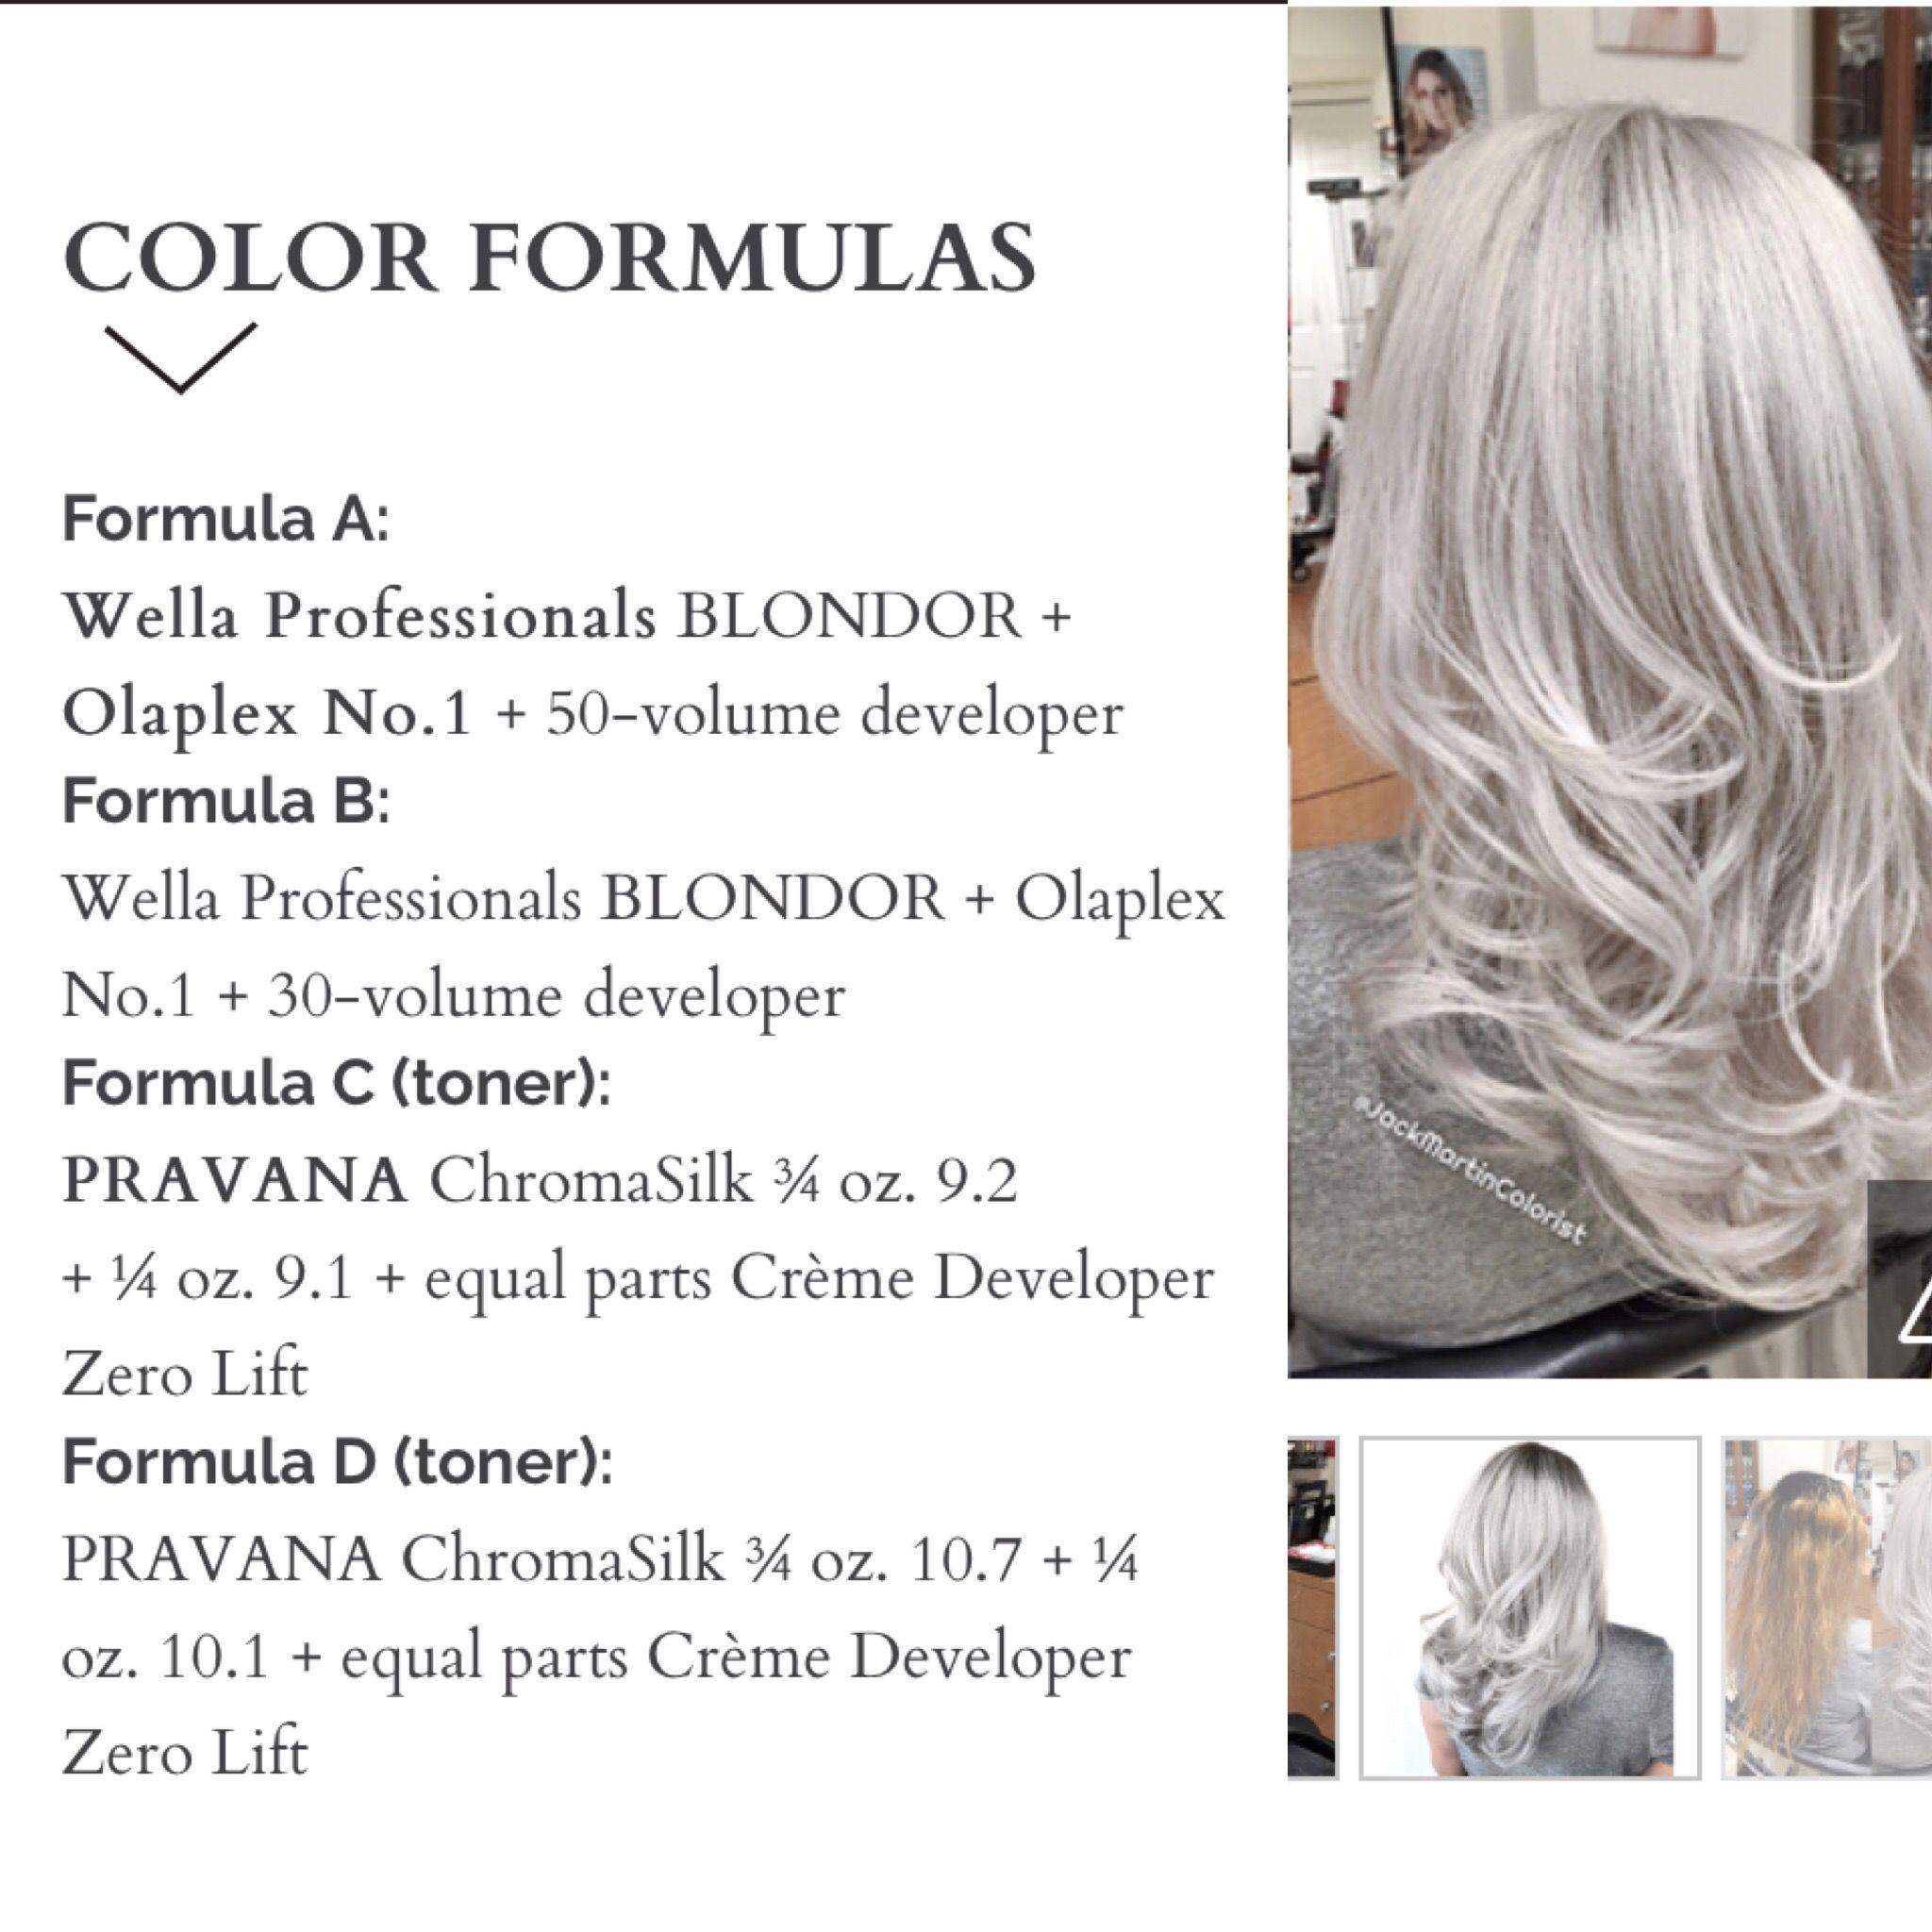 Silver Hair Hair Color Formulas Hair Color Techniques Wella